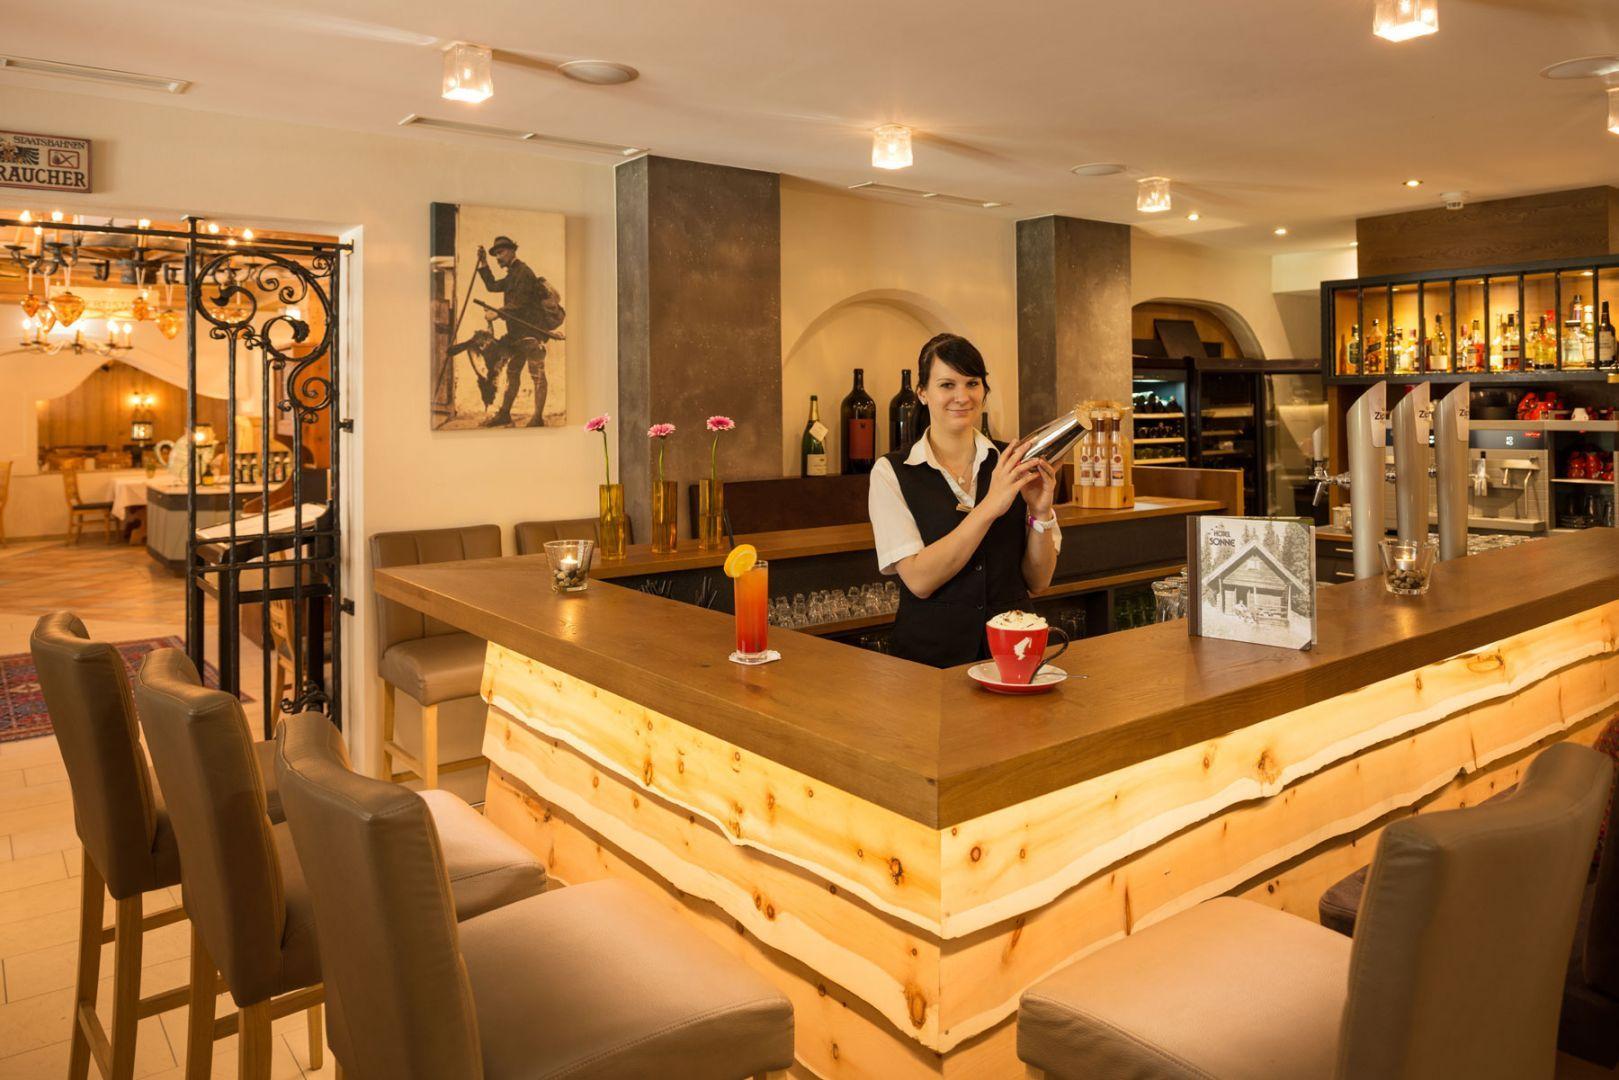 Rustikale Bar miami bar falkensteiner hotel spa jesolo renderings